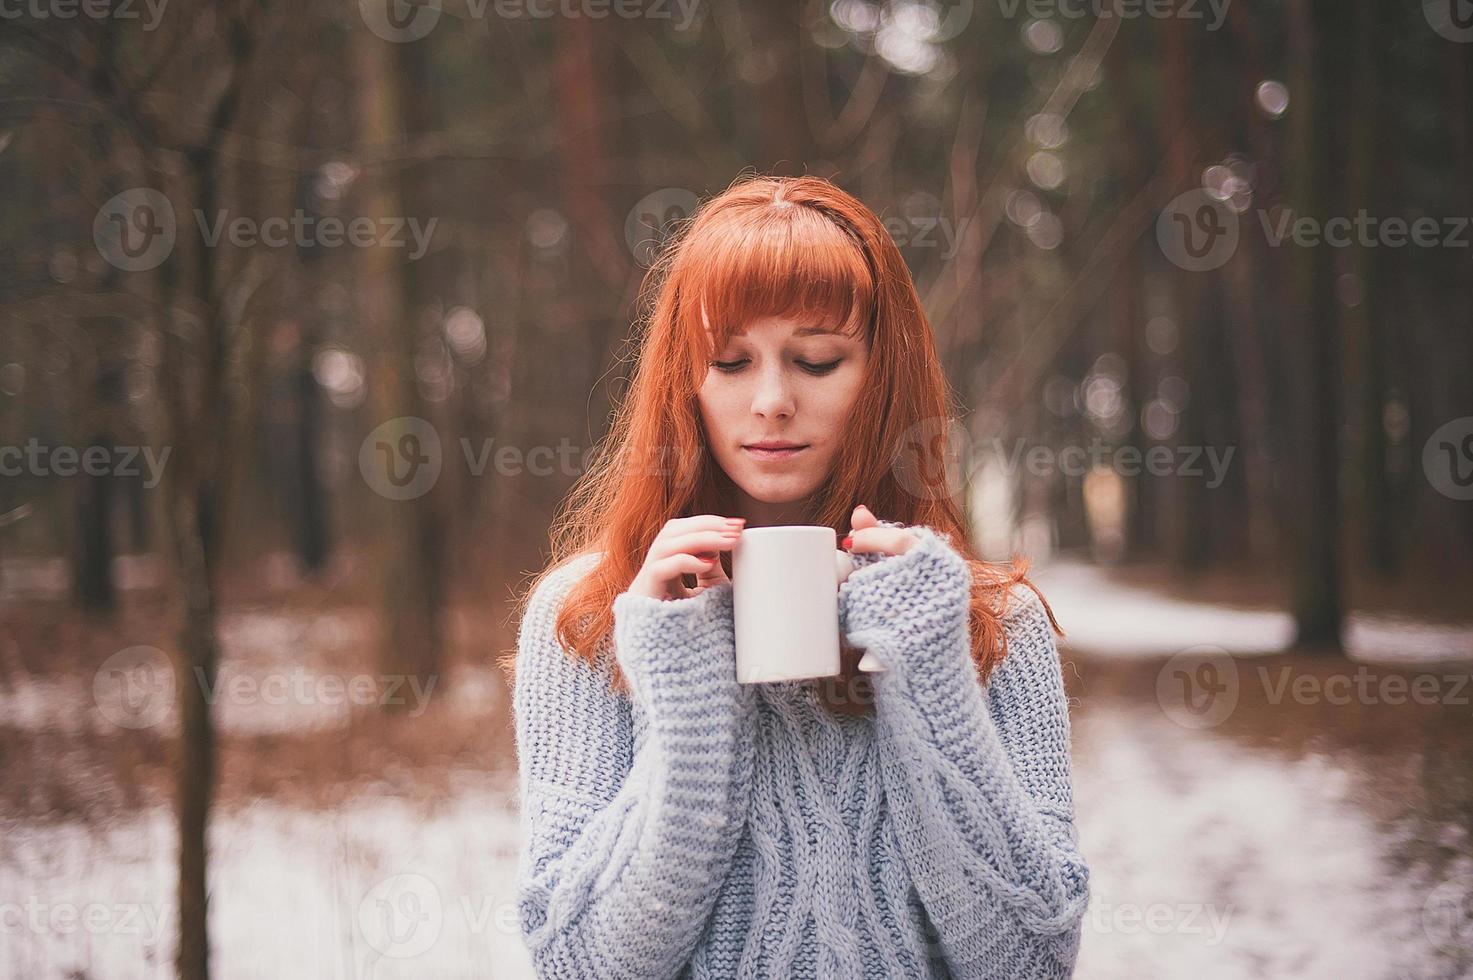 foto ragazza dai capelli rossi con una tazza in mano.